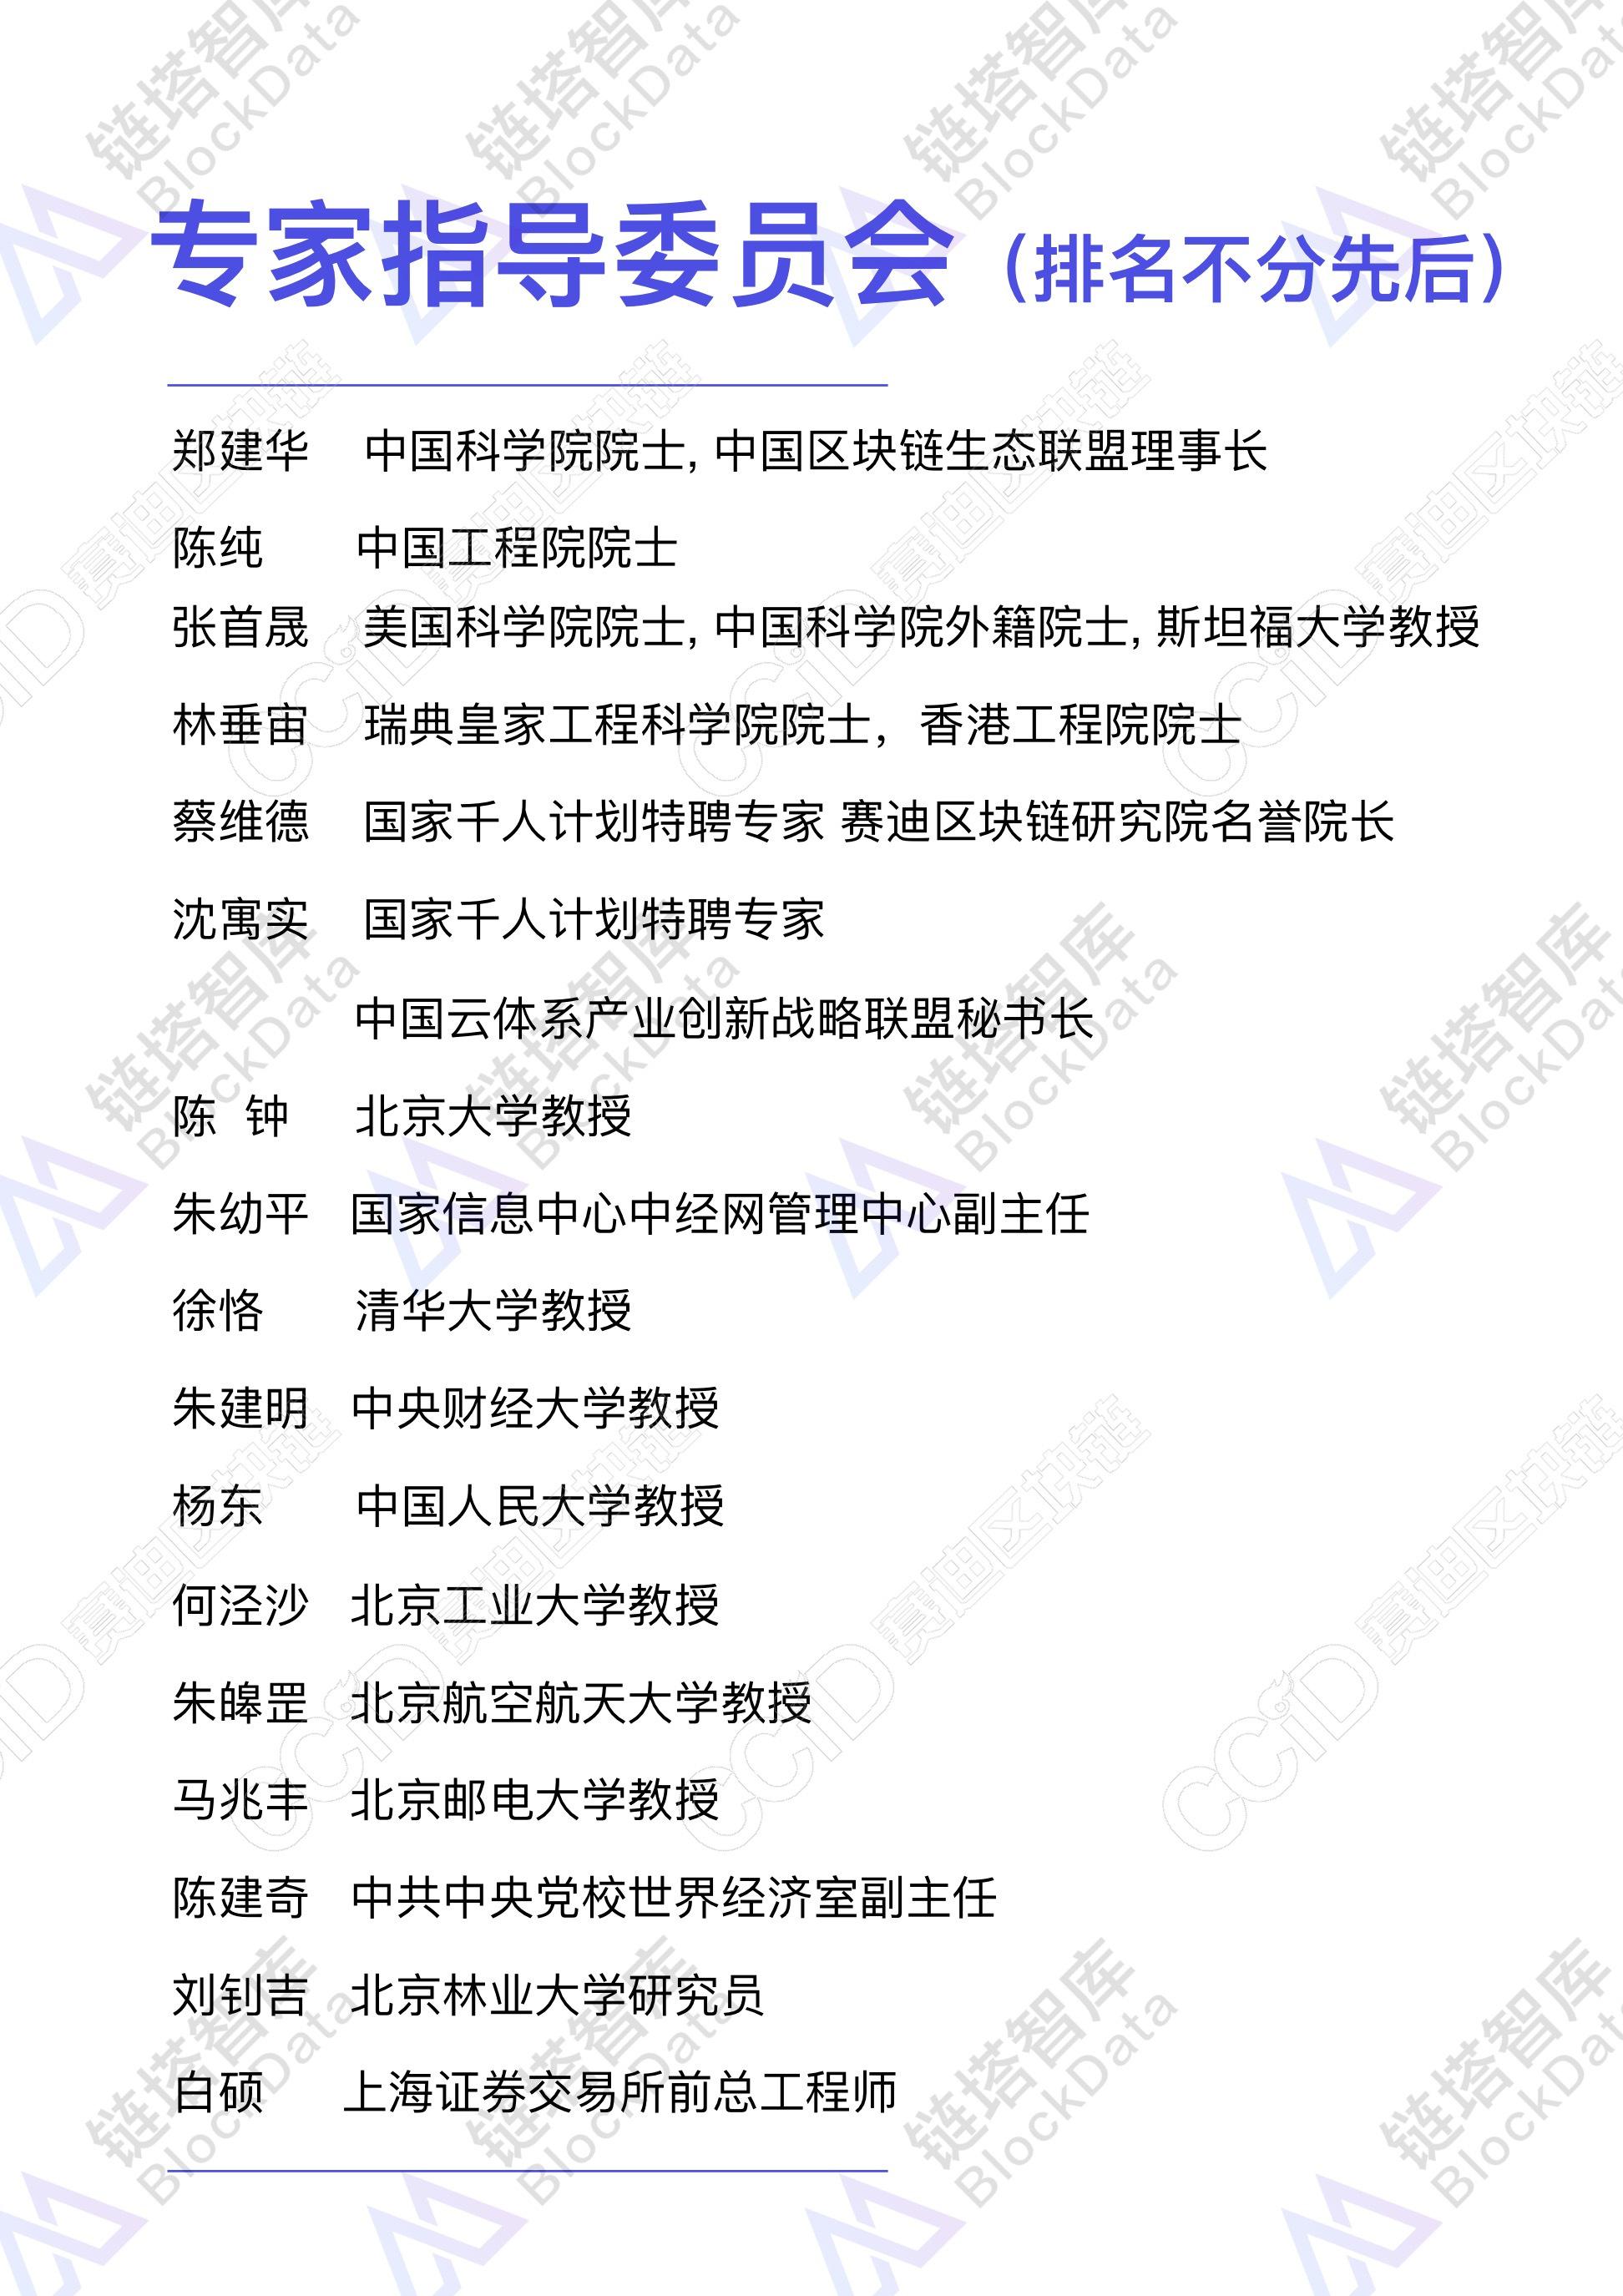 链塔智库联合工信部赛迪区块链研究院发布2018中国区块链优秀企业名录